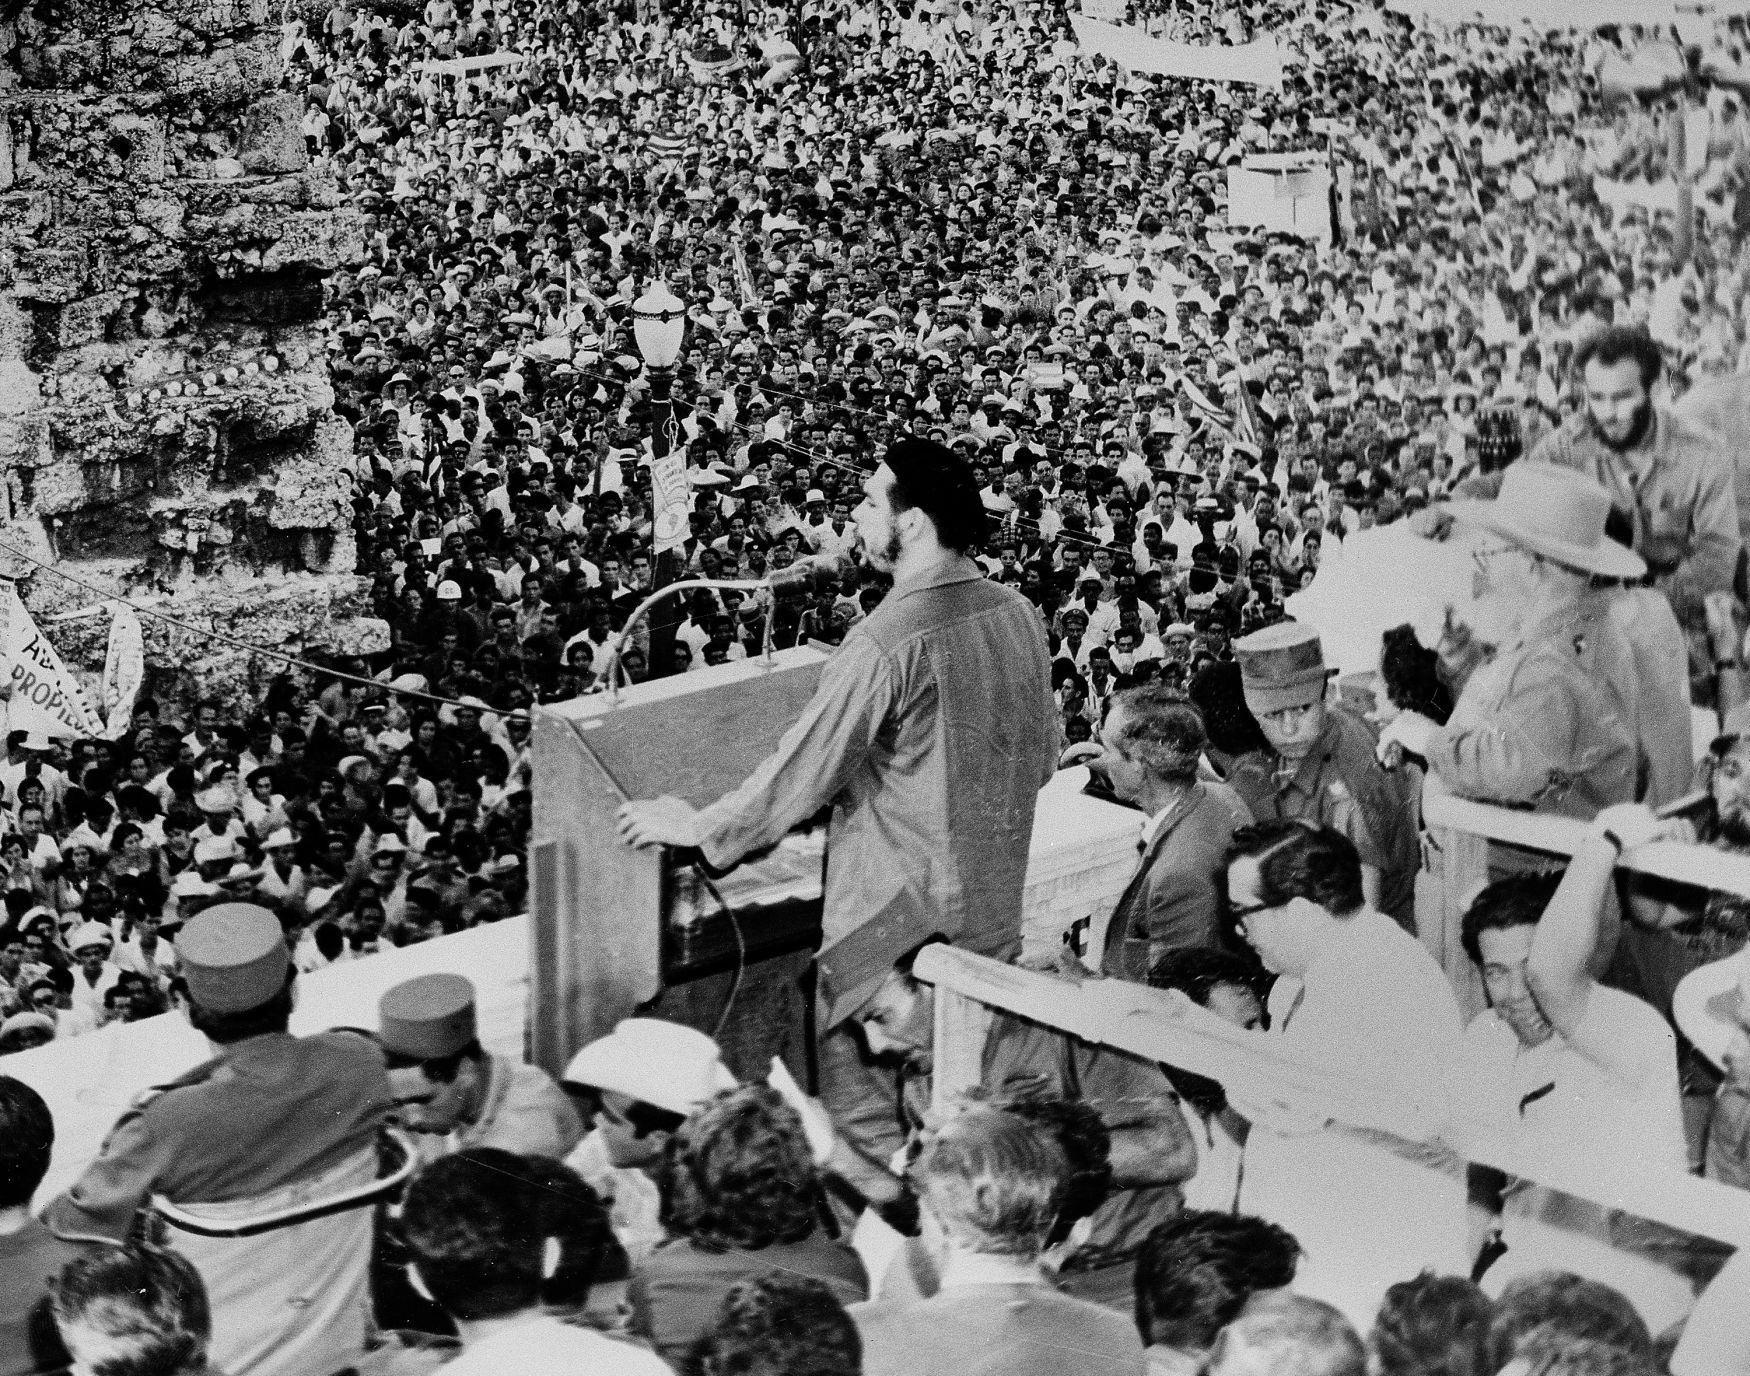 """Kubánský spisovatel Guillermo Cabrera Infante ve své knize """"Mea Cuba"""" popisuje pocity, které se Che Guevarovi honily hlavou, když vůbec poprvé - 3. ledna 1959 - Havanu spatřil. Byl zarostlý a na sobě měl uniformu, která byla """"příliš velká pro jeho astmatické tělo"""". """"Jedním z vtipů té doby bylo, že byl oblečen do staré uniformy Fidela Castra a město od první noci nesnášel. Považoval Havanu za hnusného kolaboranta."""" Snímek z roku 1960, Havana."""